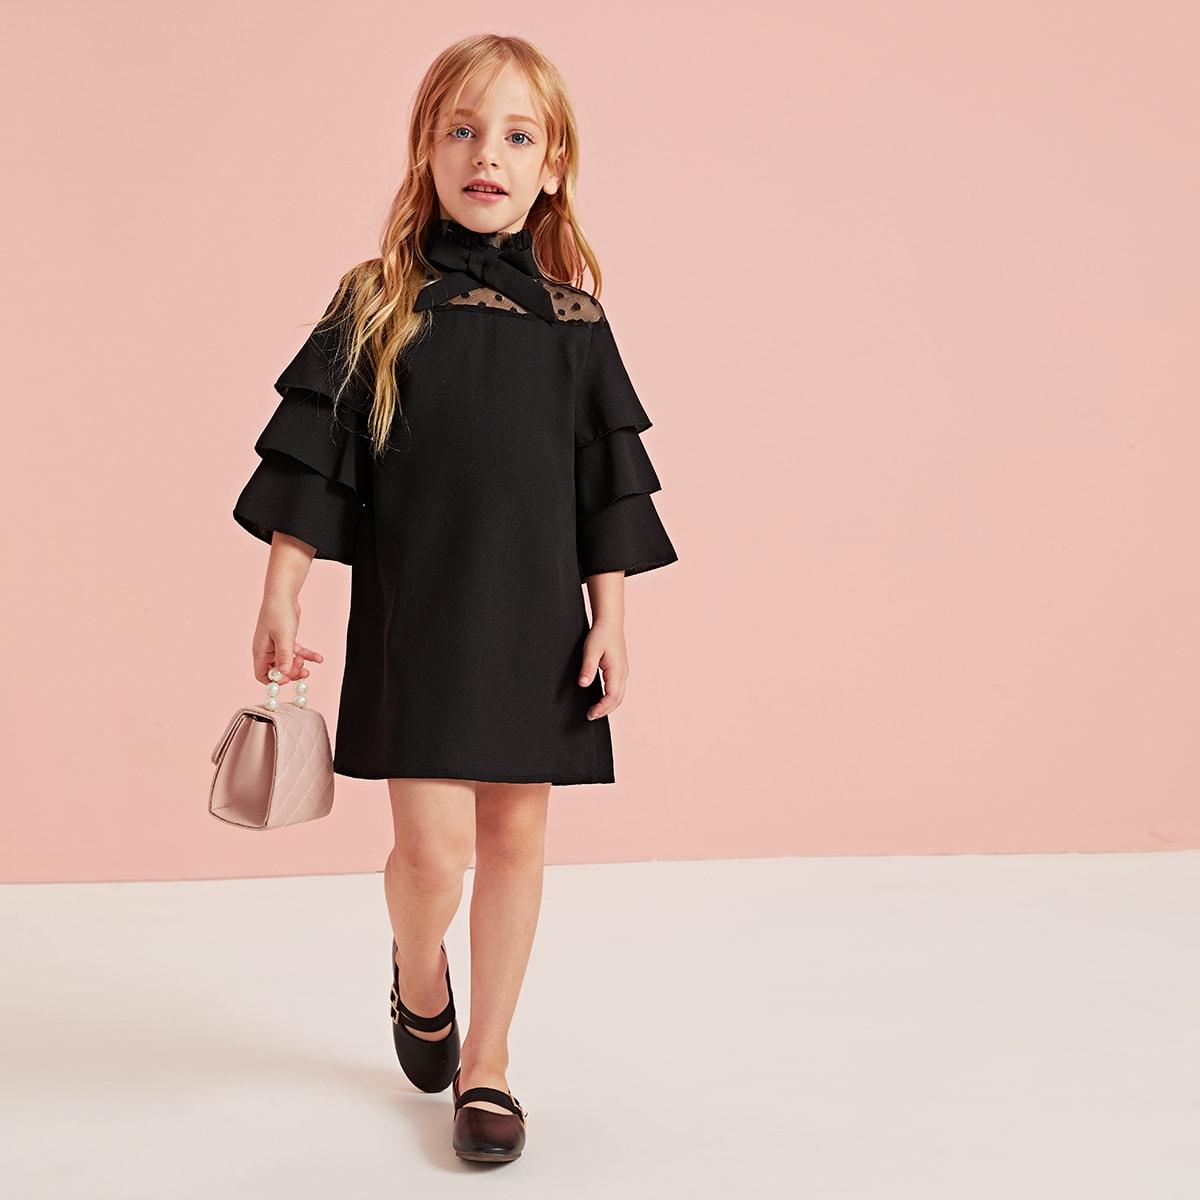 Сетчатое платье с воротником-бантом для девочек от SHEIN